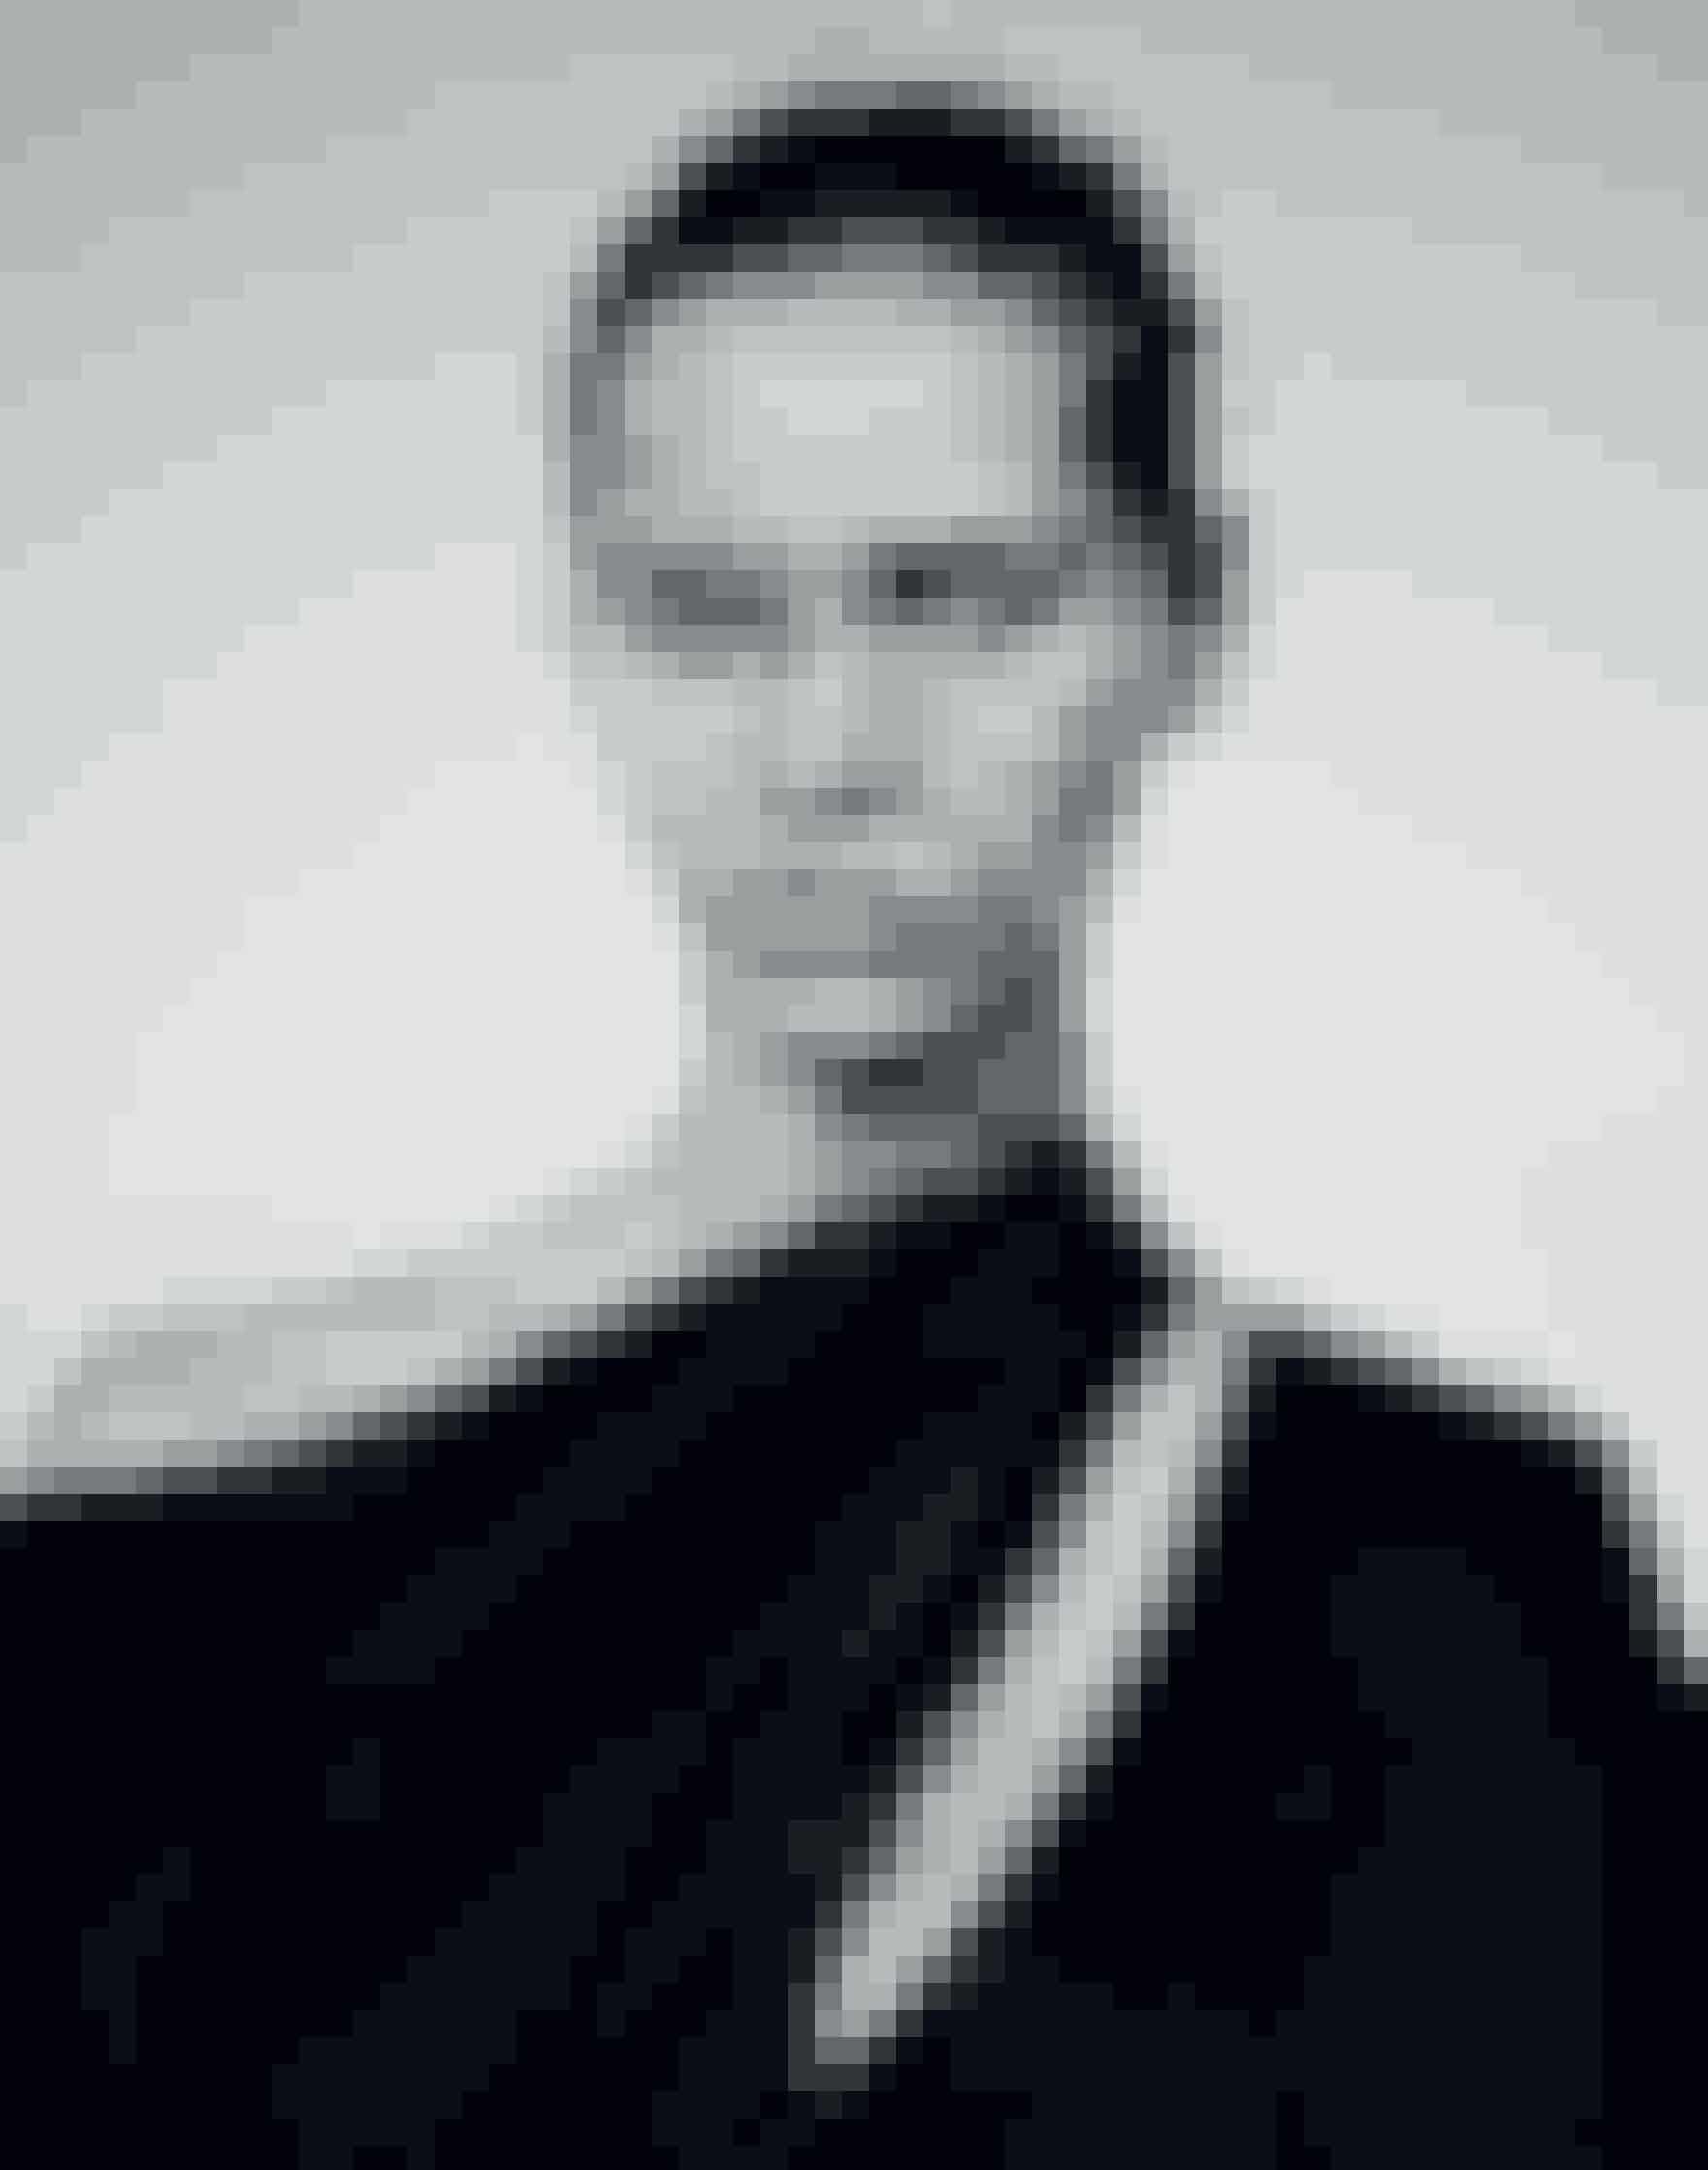 Less is more... og derfor er denne måndes forsidemodel, Kirstin Liljegren, fuldstændig makeupfri. Lad dig inspirere af det enkle look - både hvad angår makeup og garderobe - i bæredygtighedens tegn.